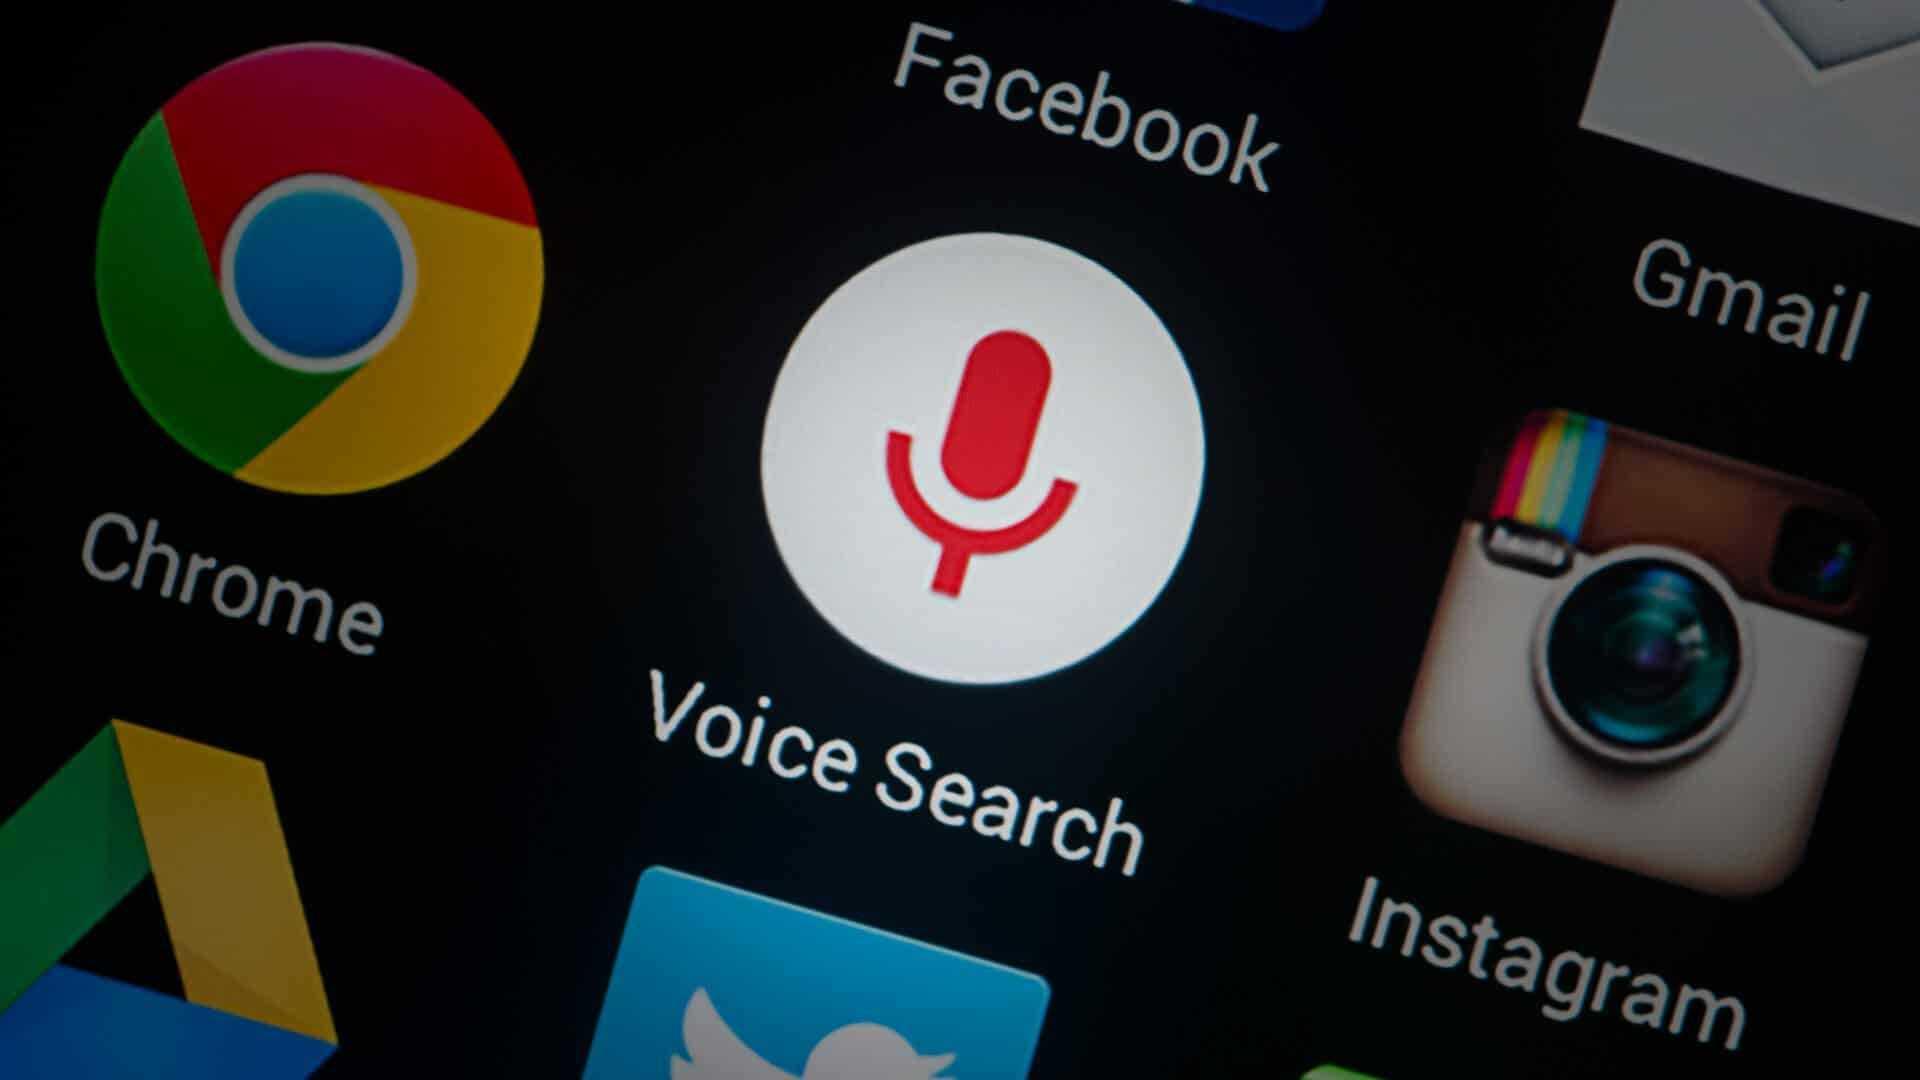 Голосовой поиск - ближайшие перспективы и внедрение